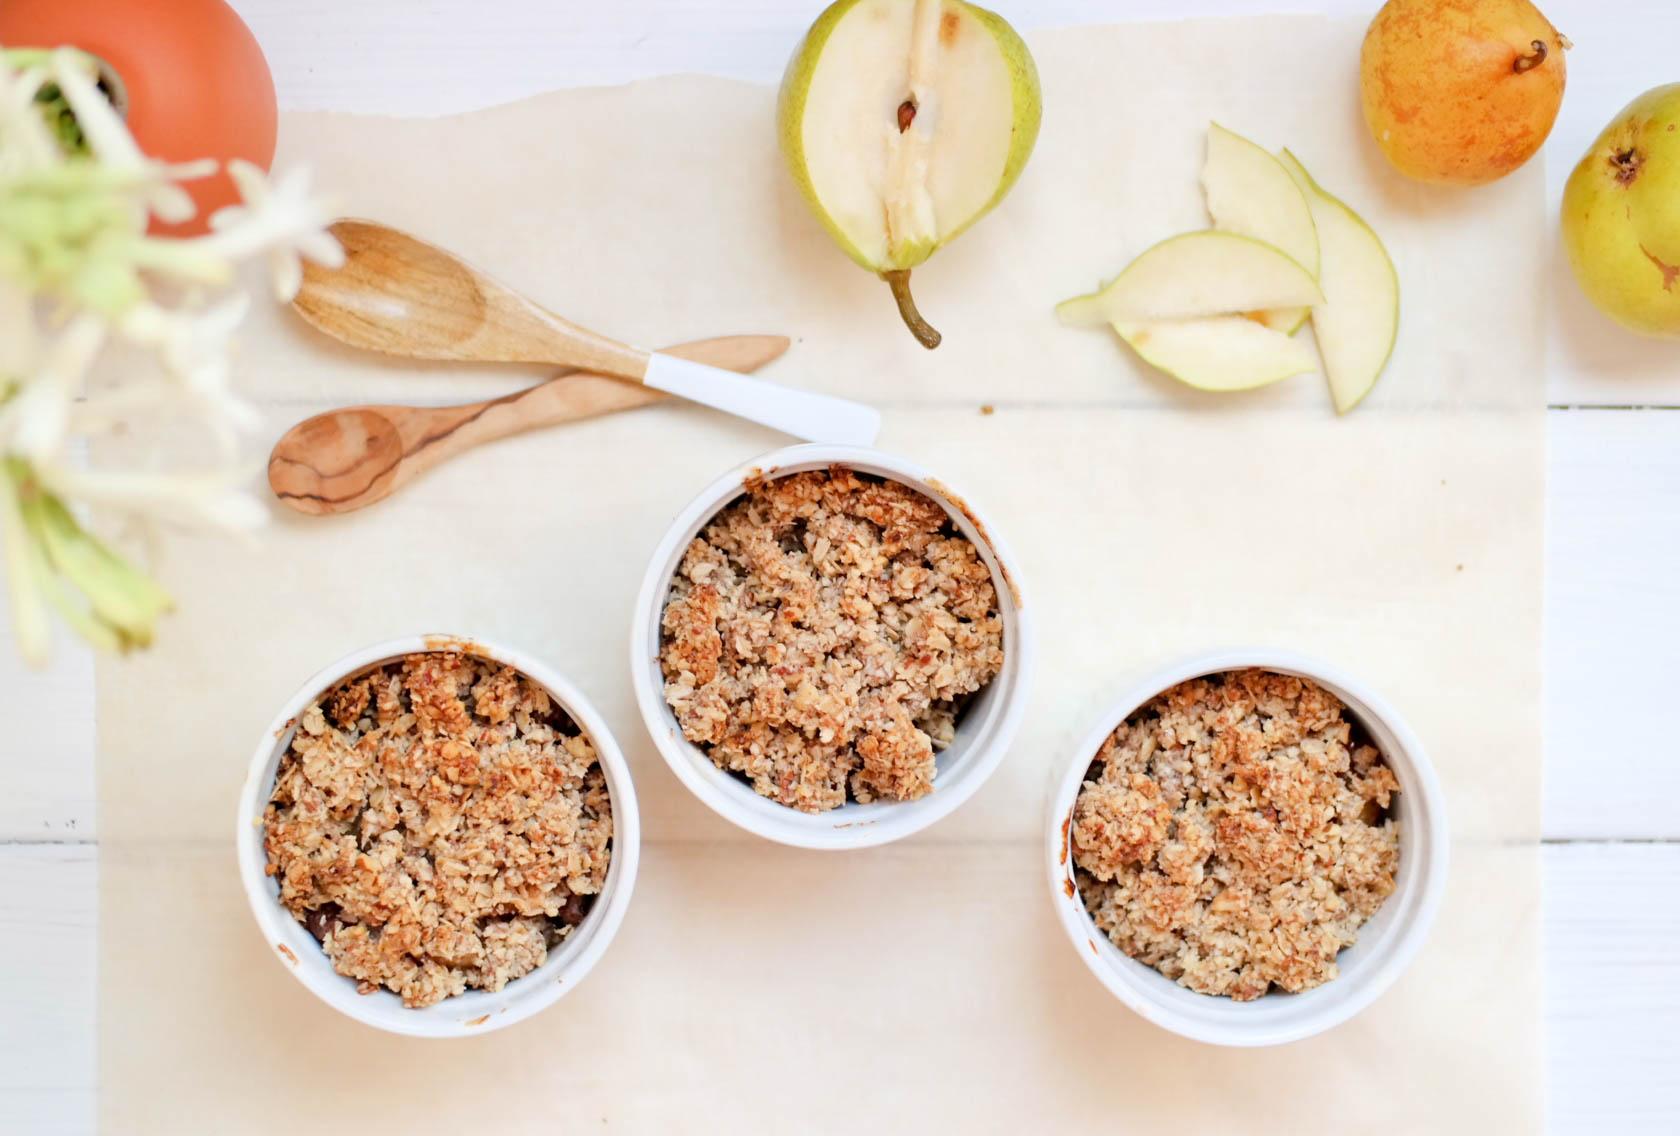 6-Nectarine-and-Pear-Crumble | www.8thandlake.com